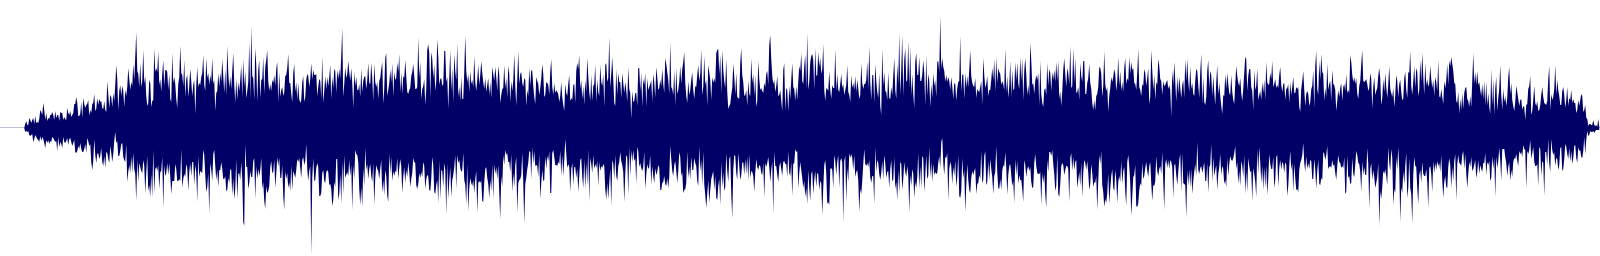 waveform of track #143991